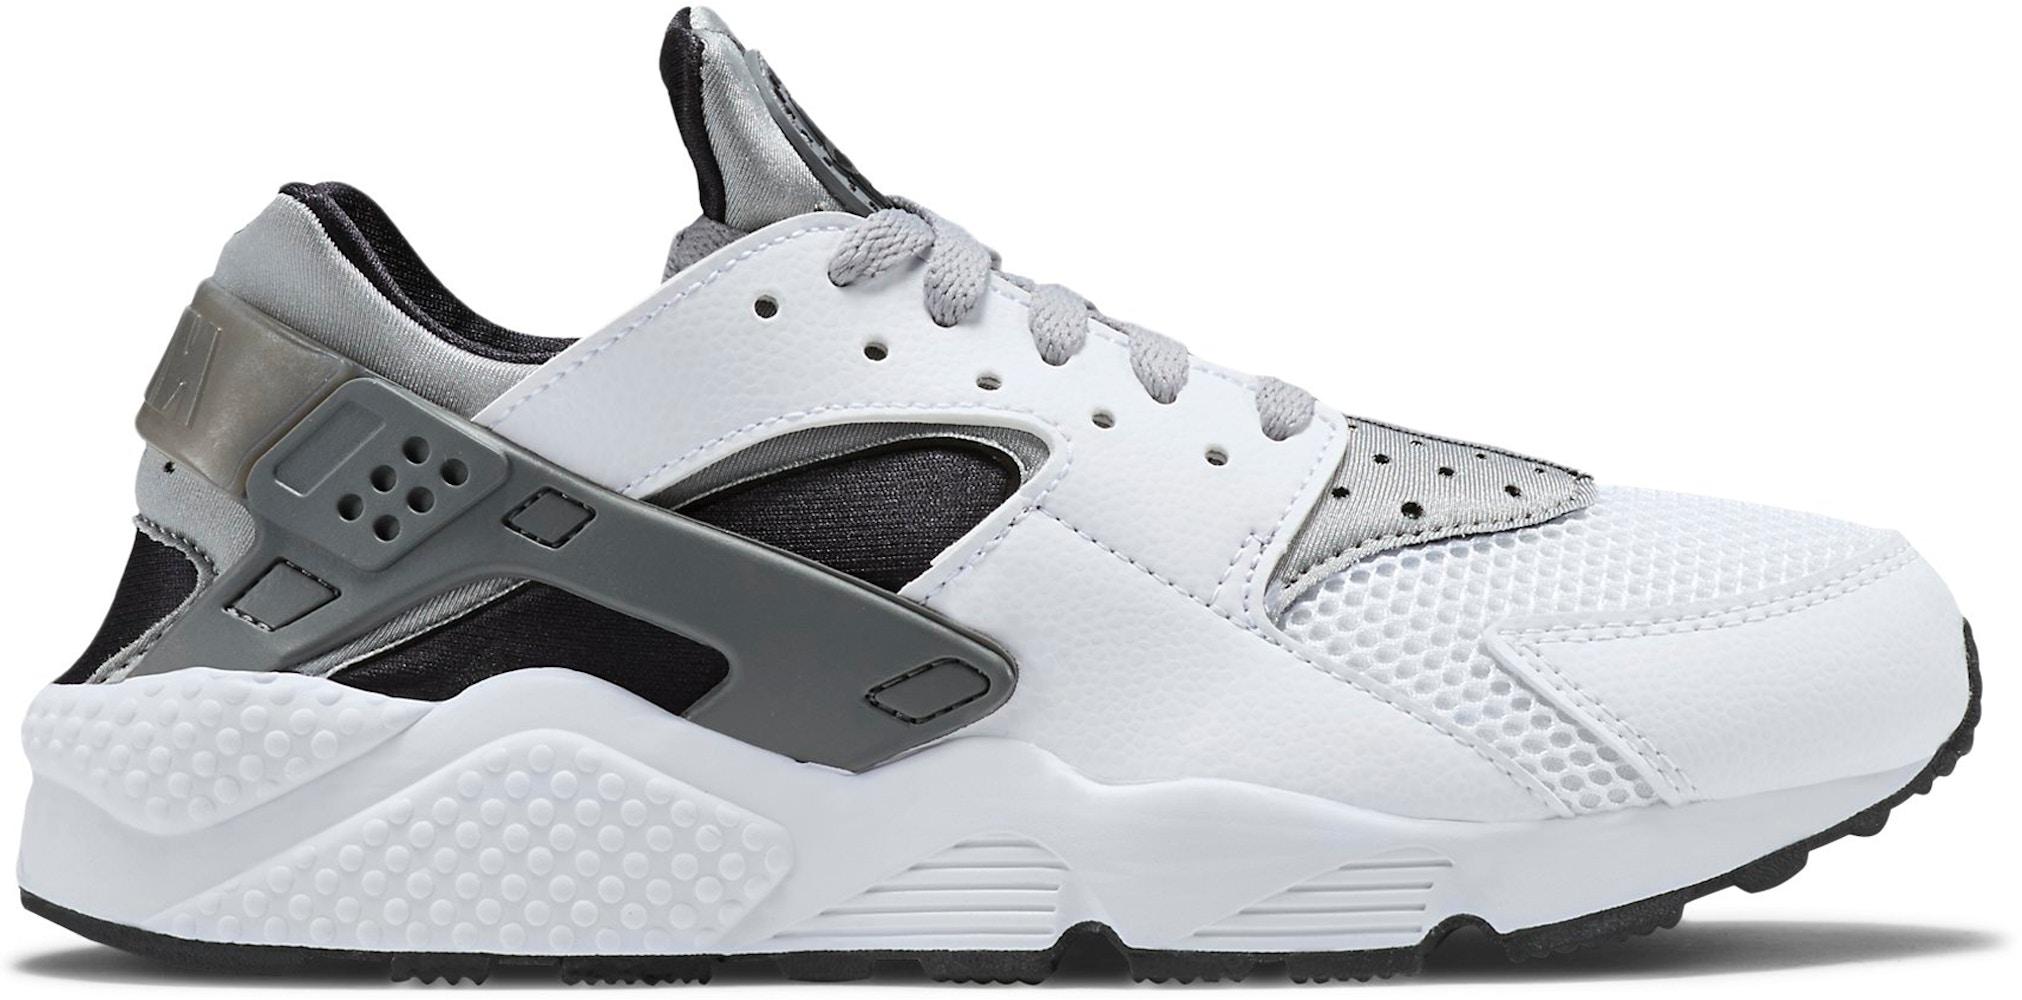 Nike Air Huarache Run White Wolf Grey Black - 318429-101